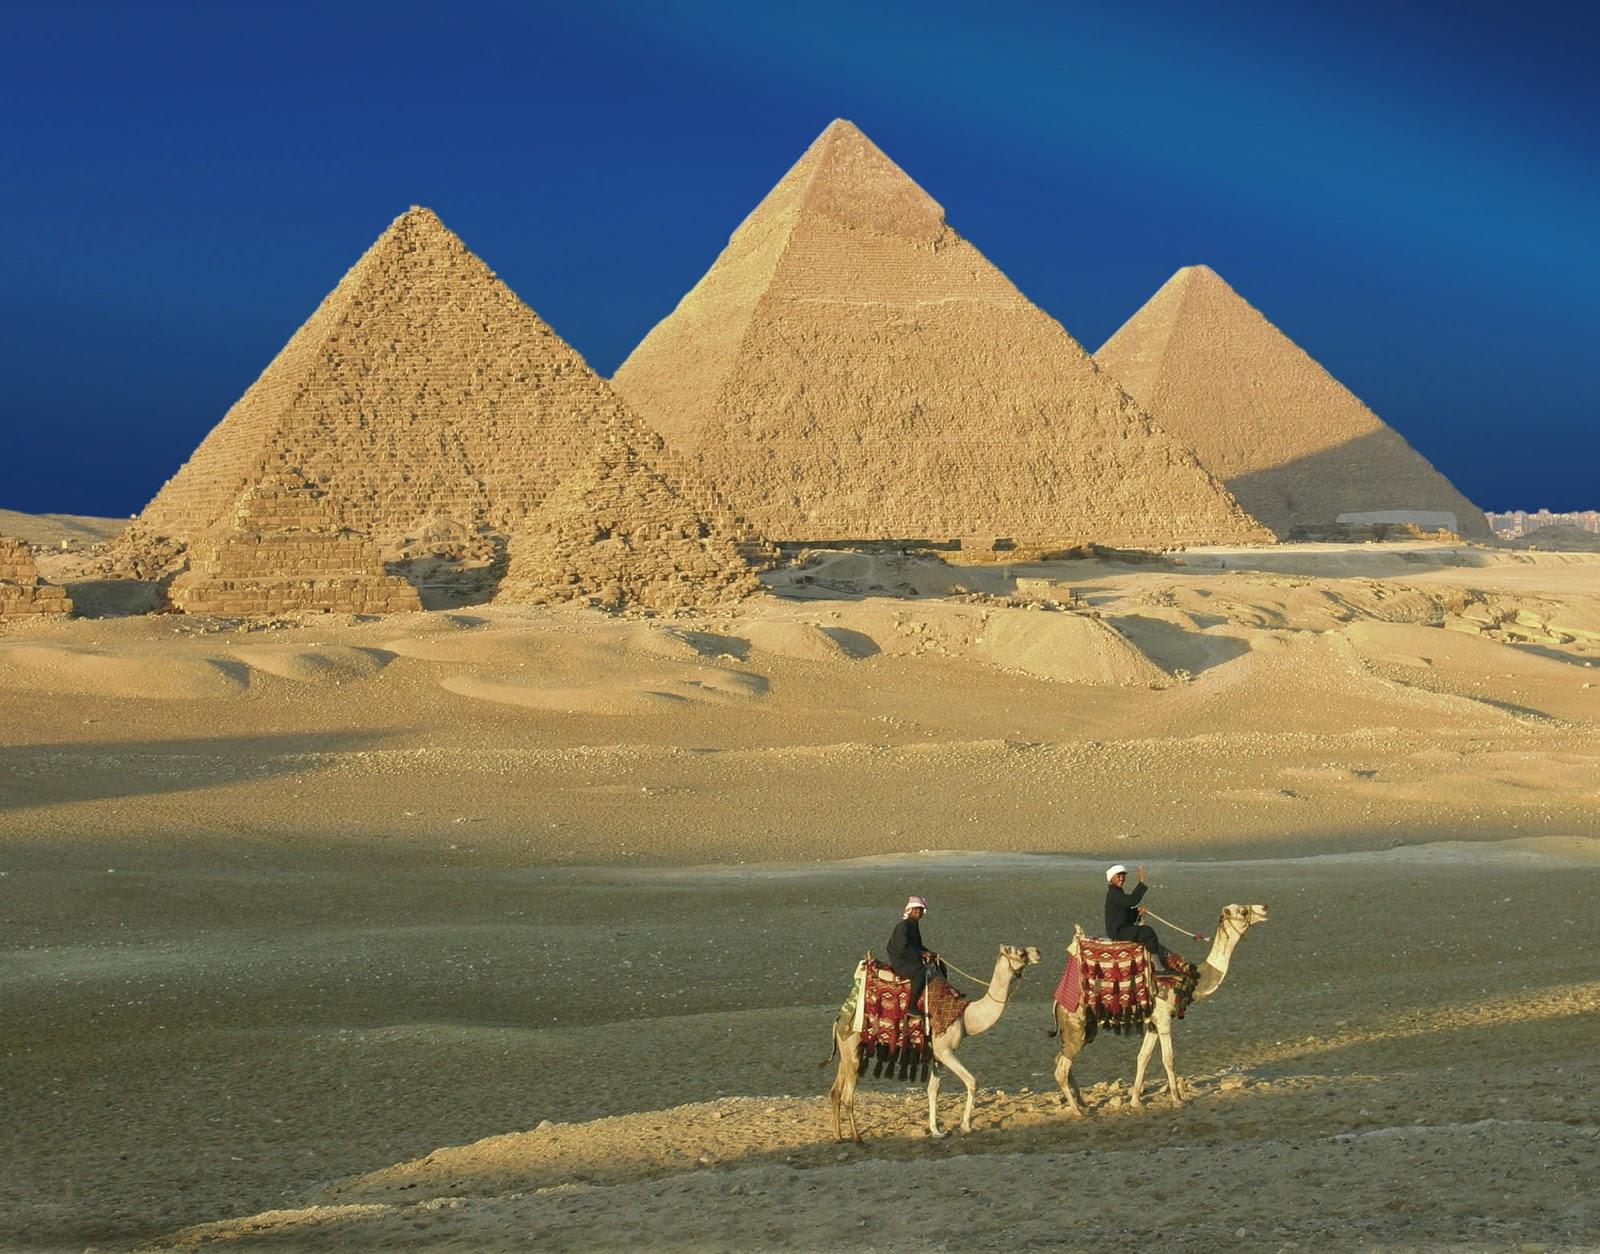 Αποτέλεσμα εικόνας για μεγάλη πυραμίδα γκίζα αίγυπτος